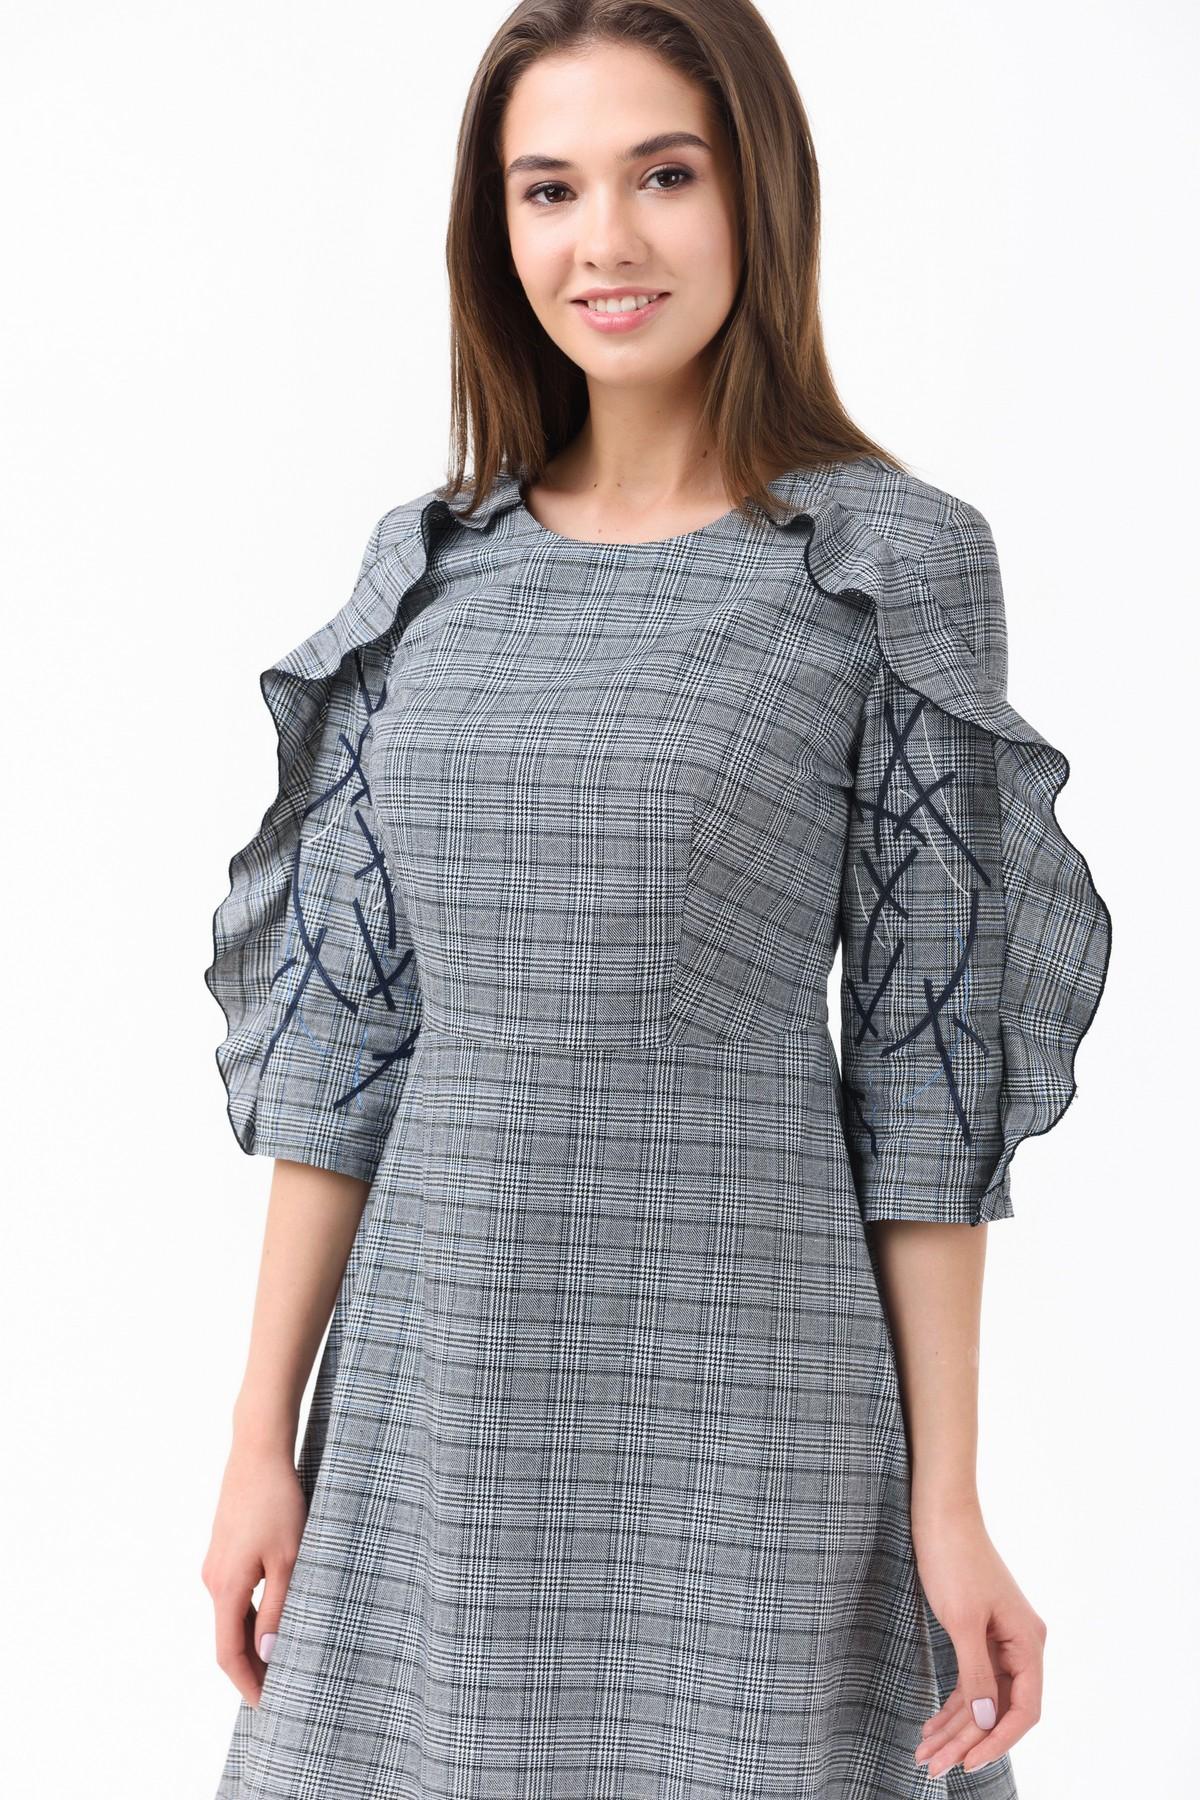 ff04d4140bf0 Осеннее платье с рюшами RM1208-18DD, голубой, нажмите для увеличения